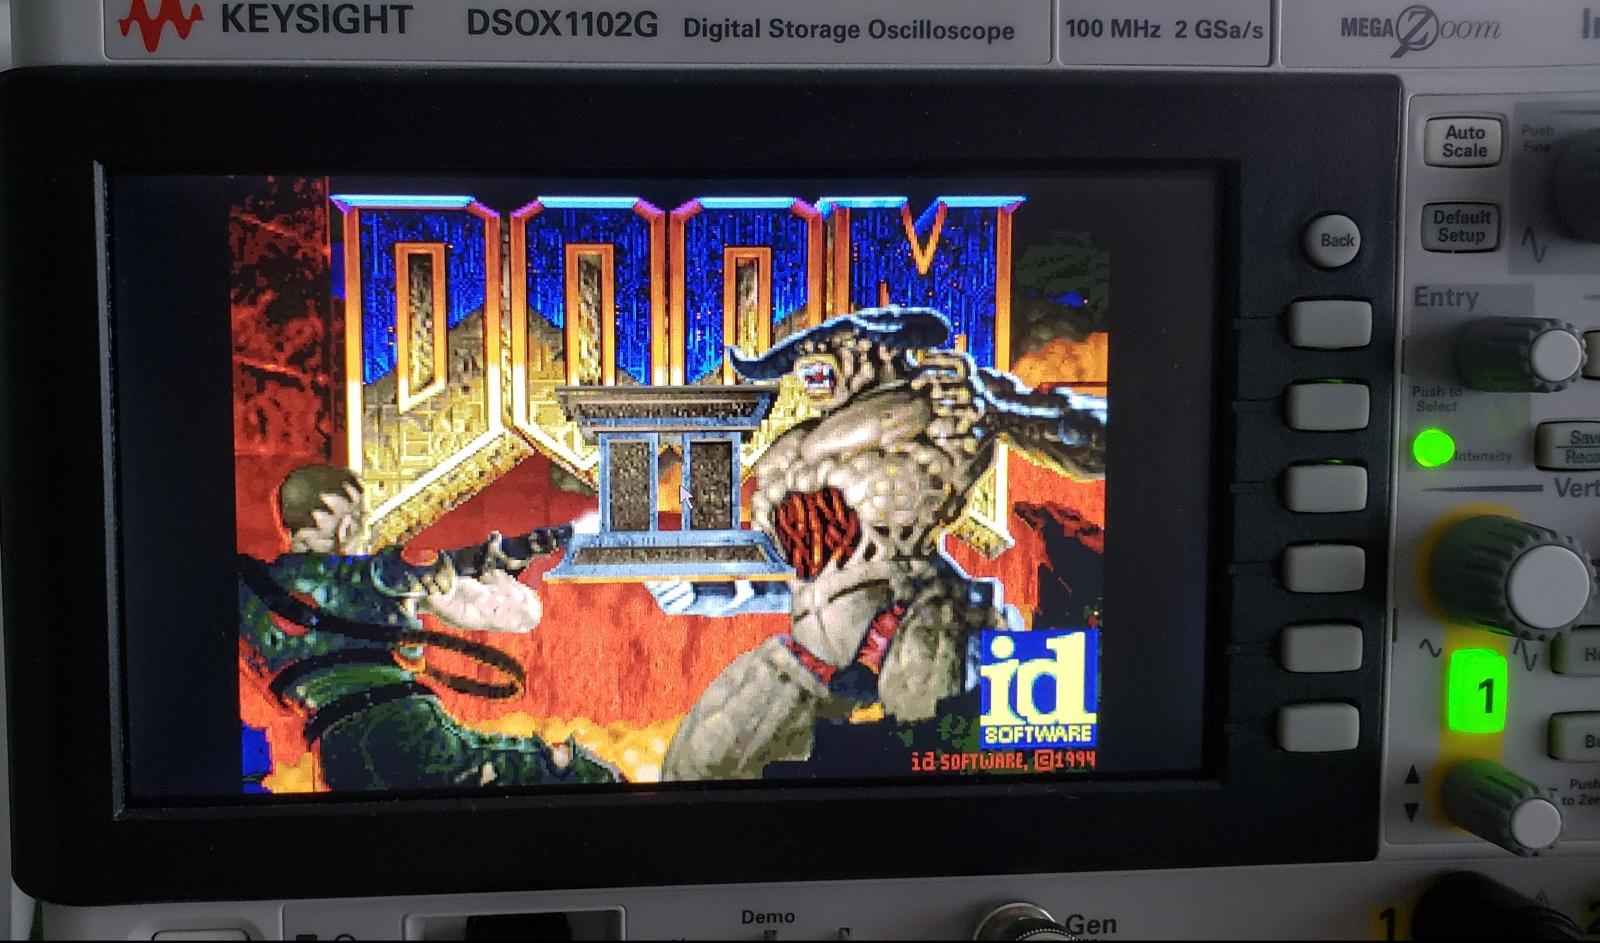 Получаем доступ к рабочему столу WinCE и запускаем Doom на осциллографе Keysight DSOX1102G - 10